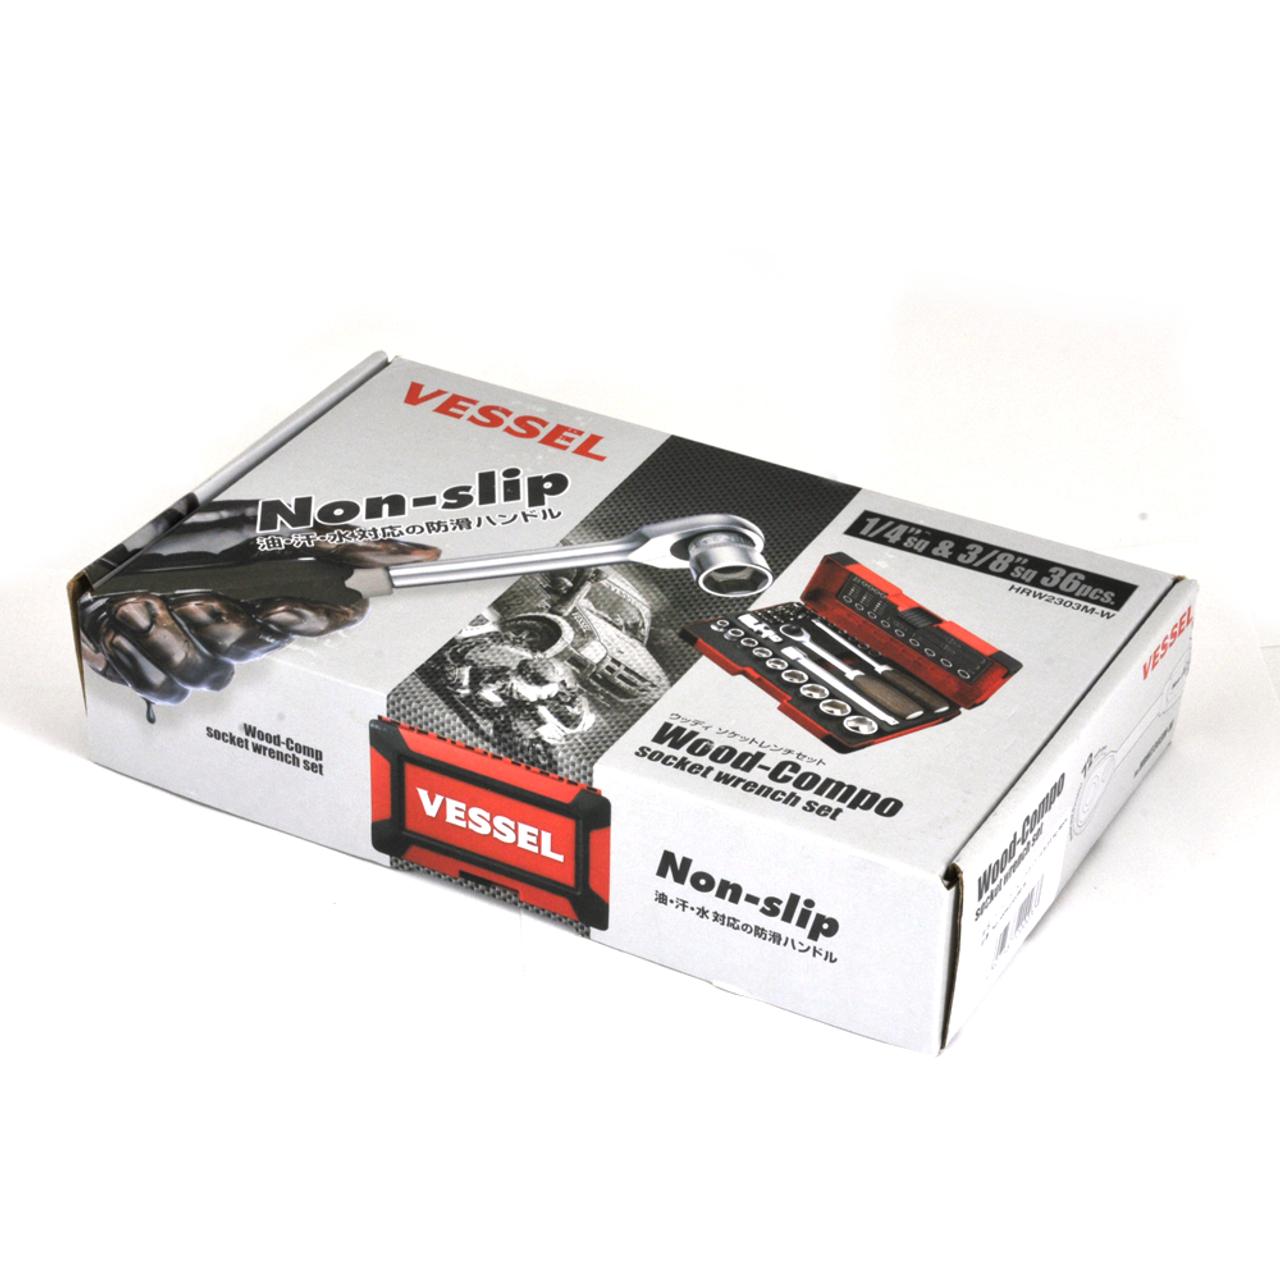 """VESSEL 36-PC 3/8"""" Non-Slip Ratchet Driver Set (HRW2303M-W)"""